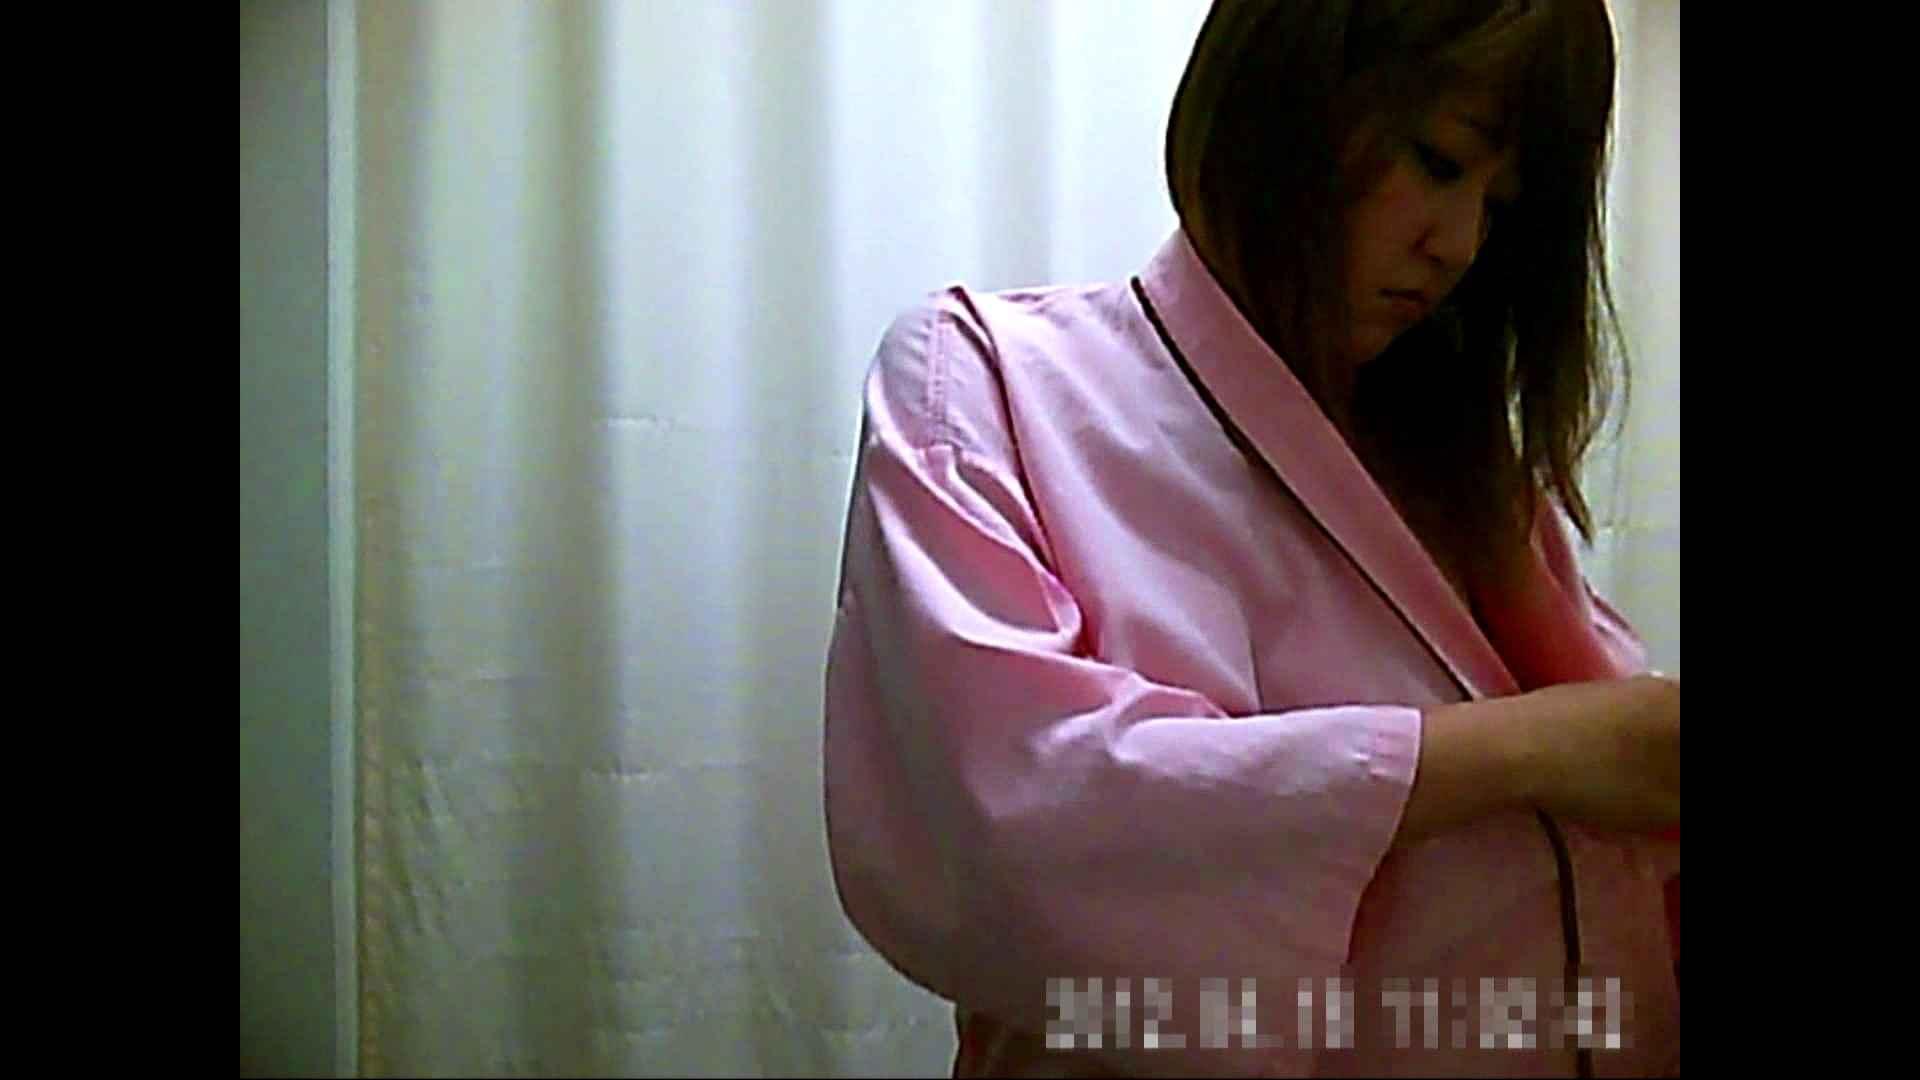 元医者による反抗 更衣室地獄絵巻 vol.015 エッチなお姉さん オマンコ無修正動画無料 105画像 86